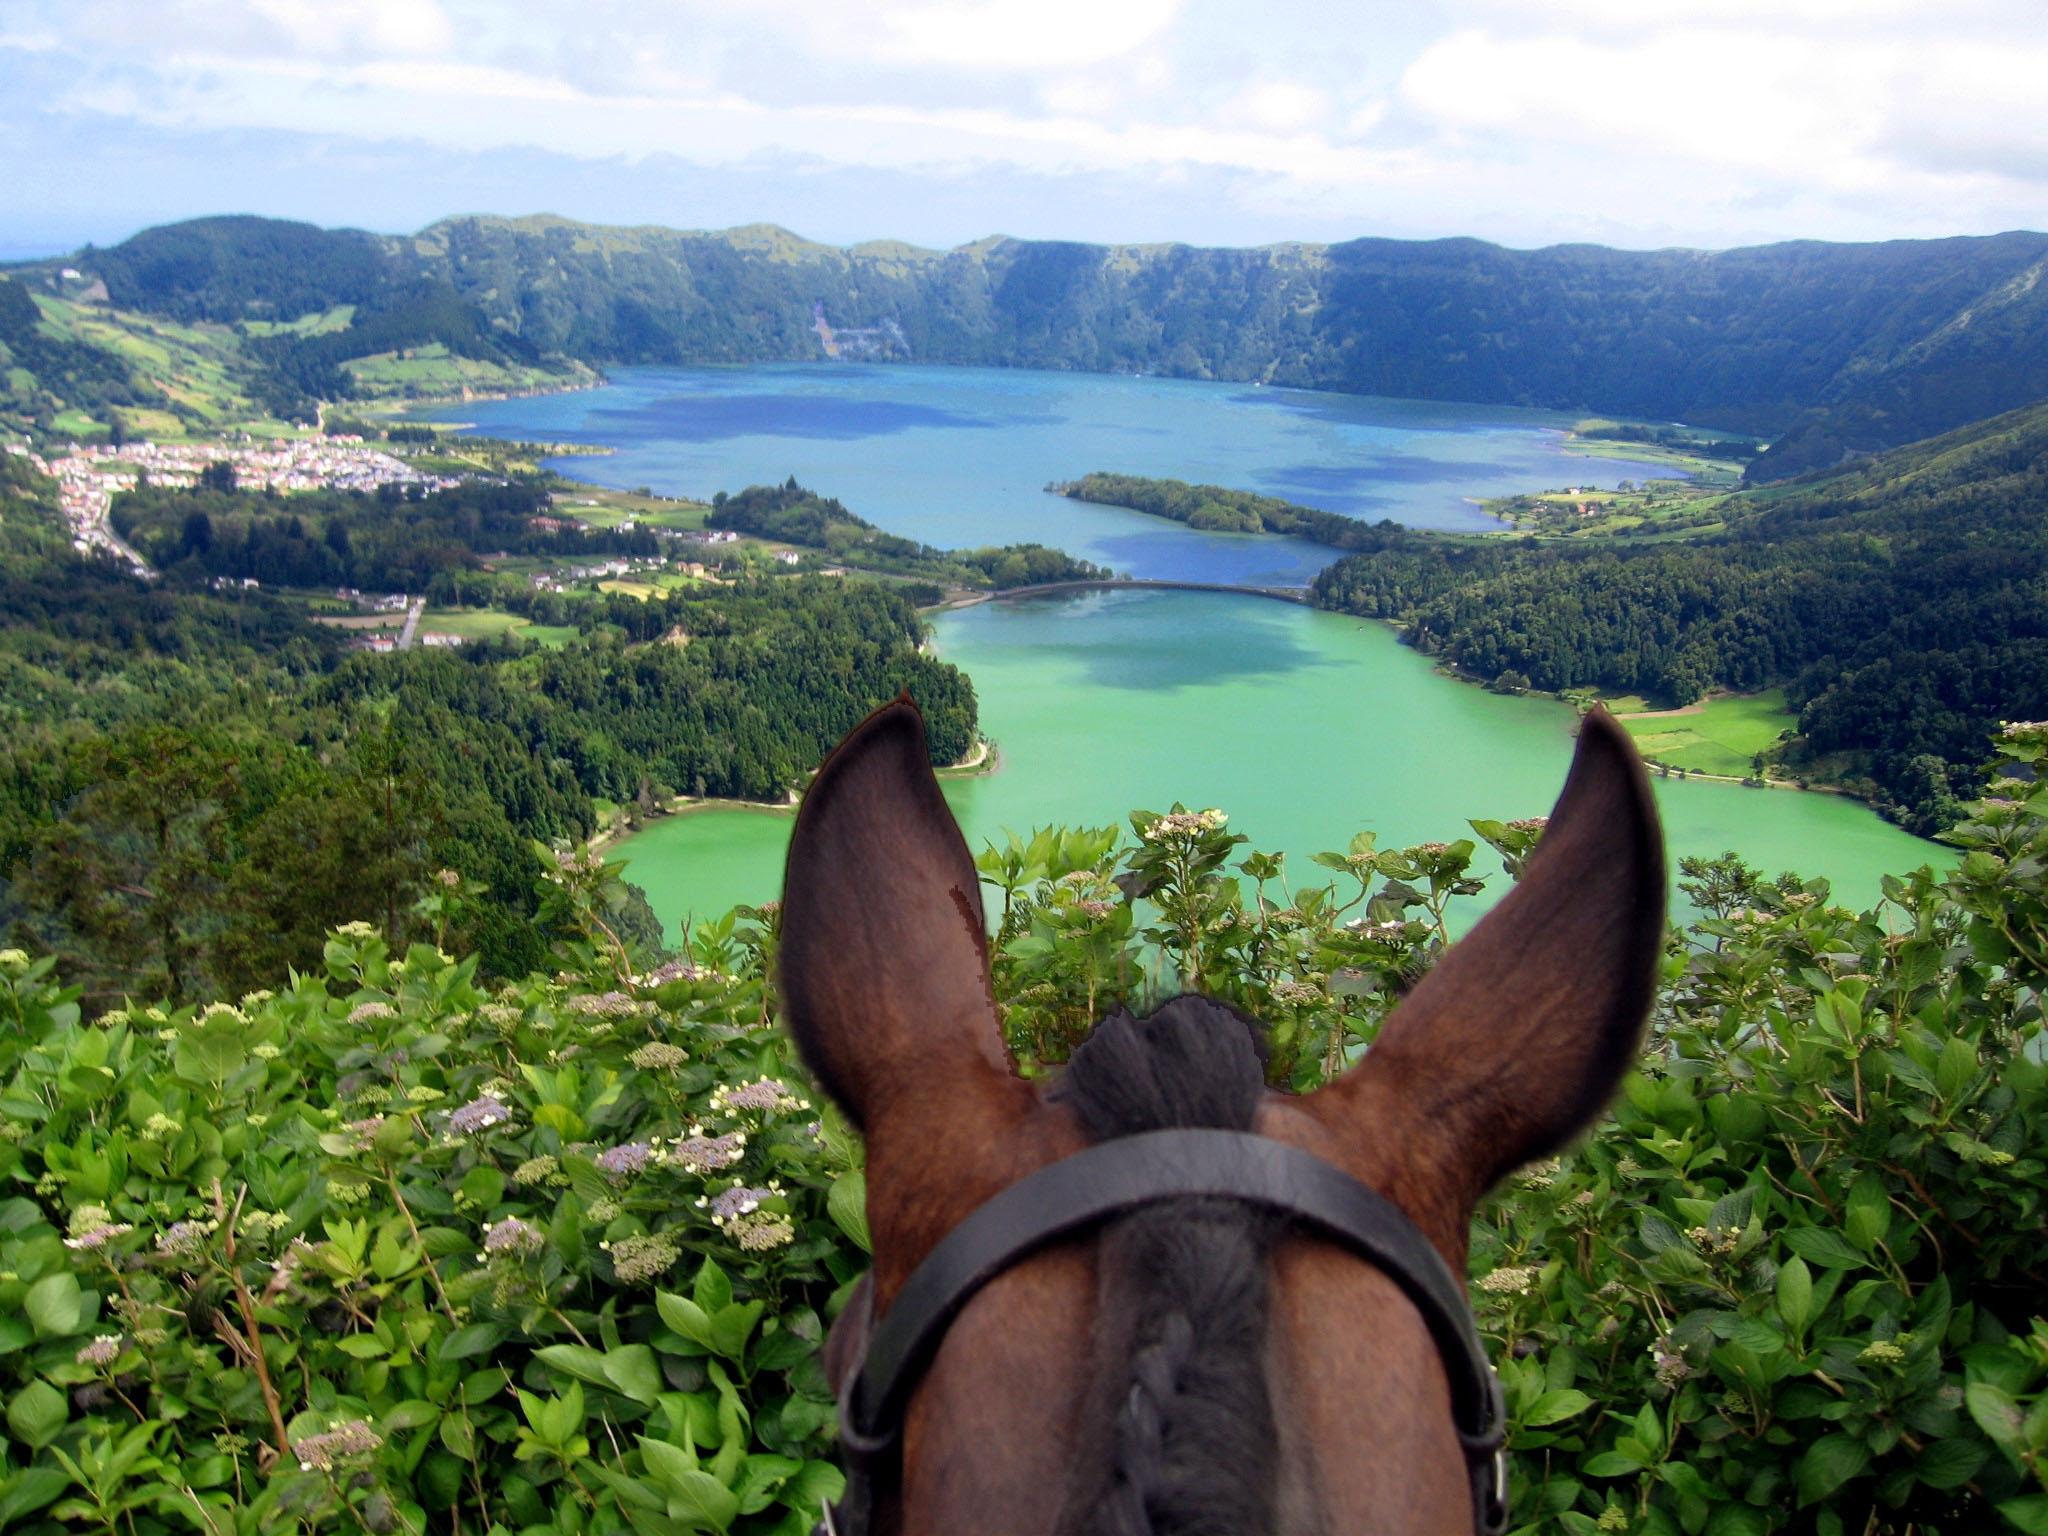 Vulkaanmeren op de Azoren - Vakantie te paard / Reisbureau Perlan